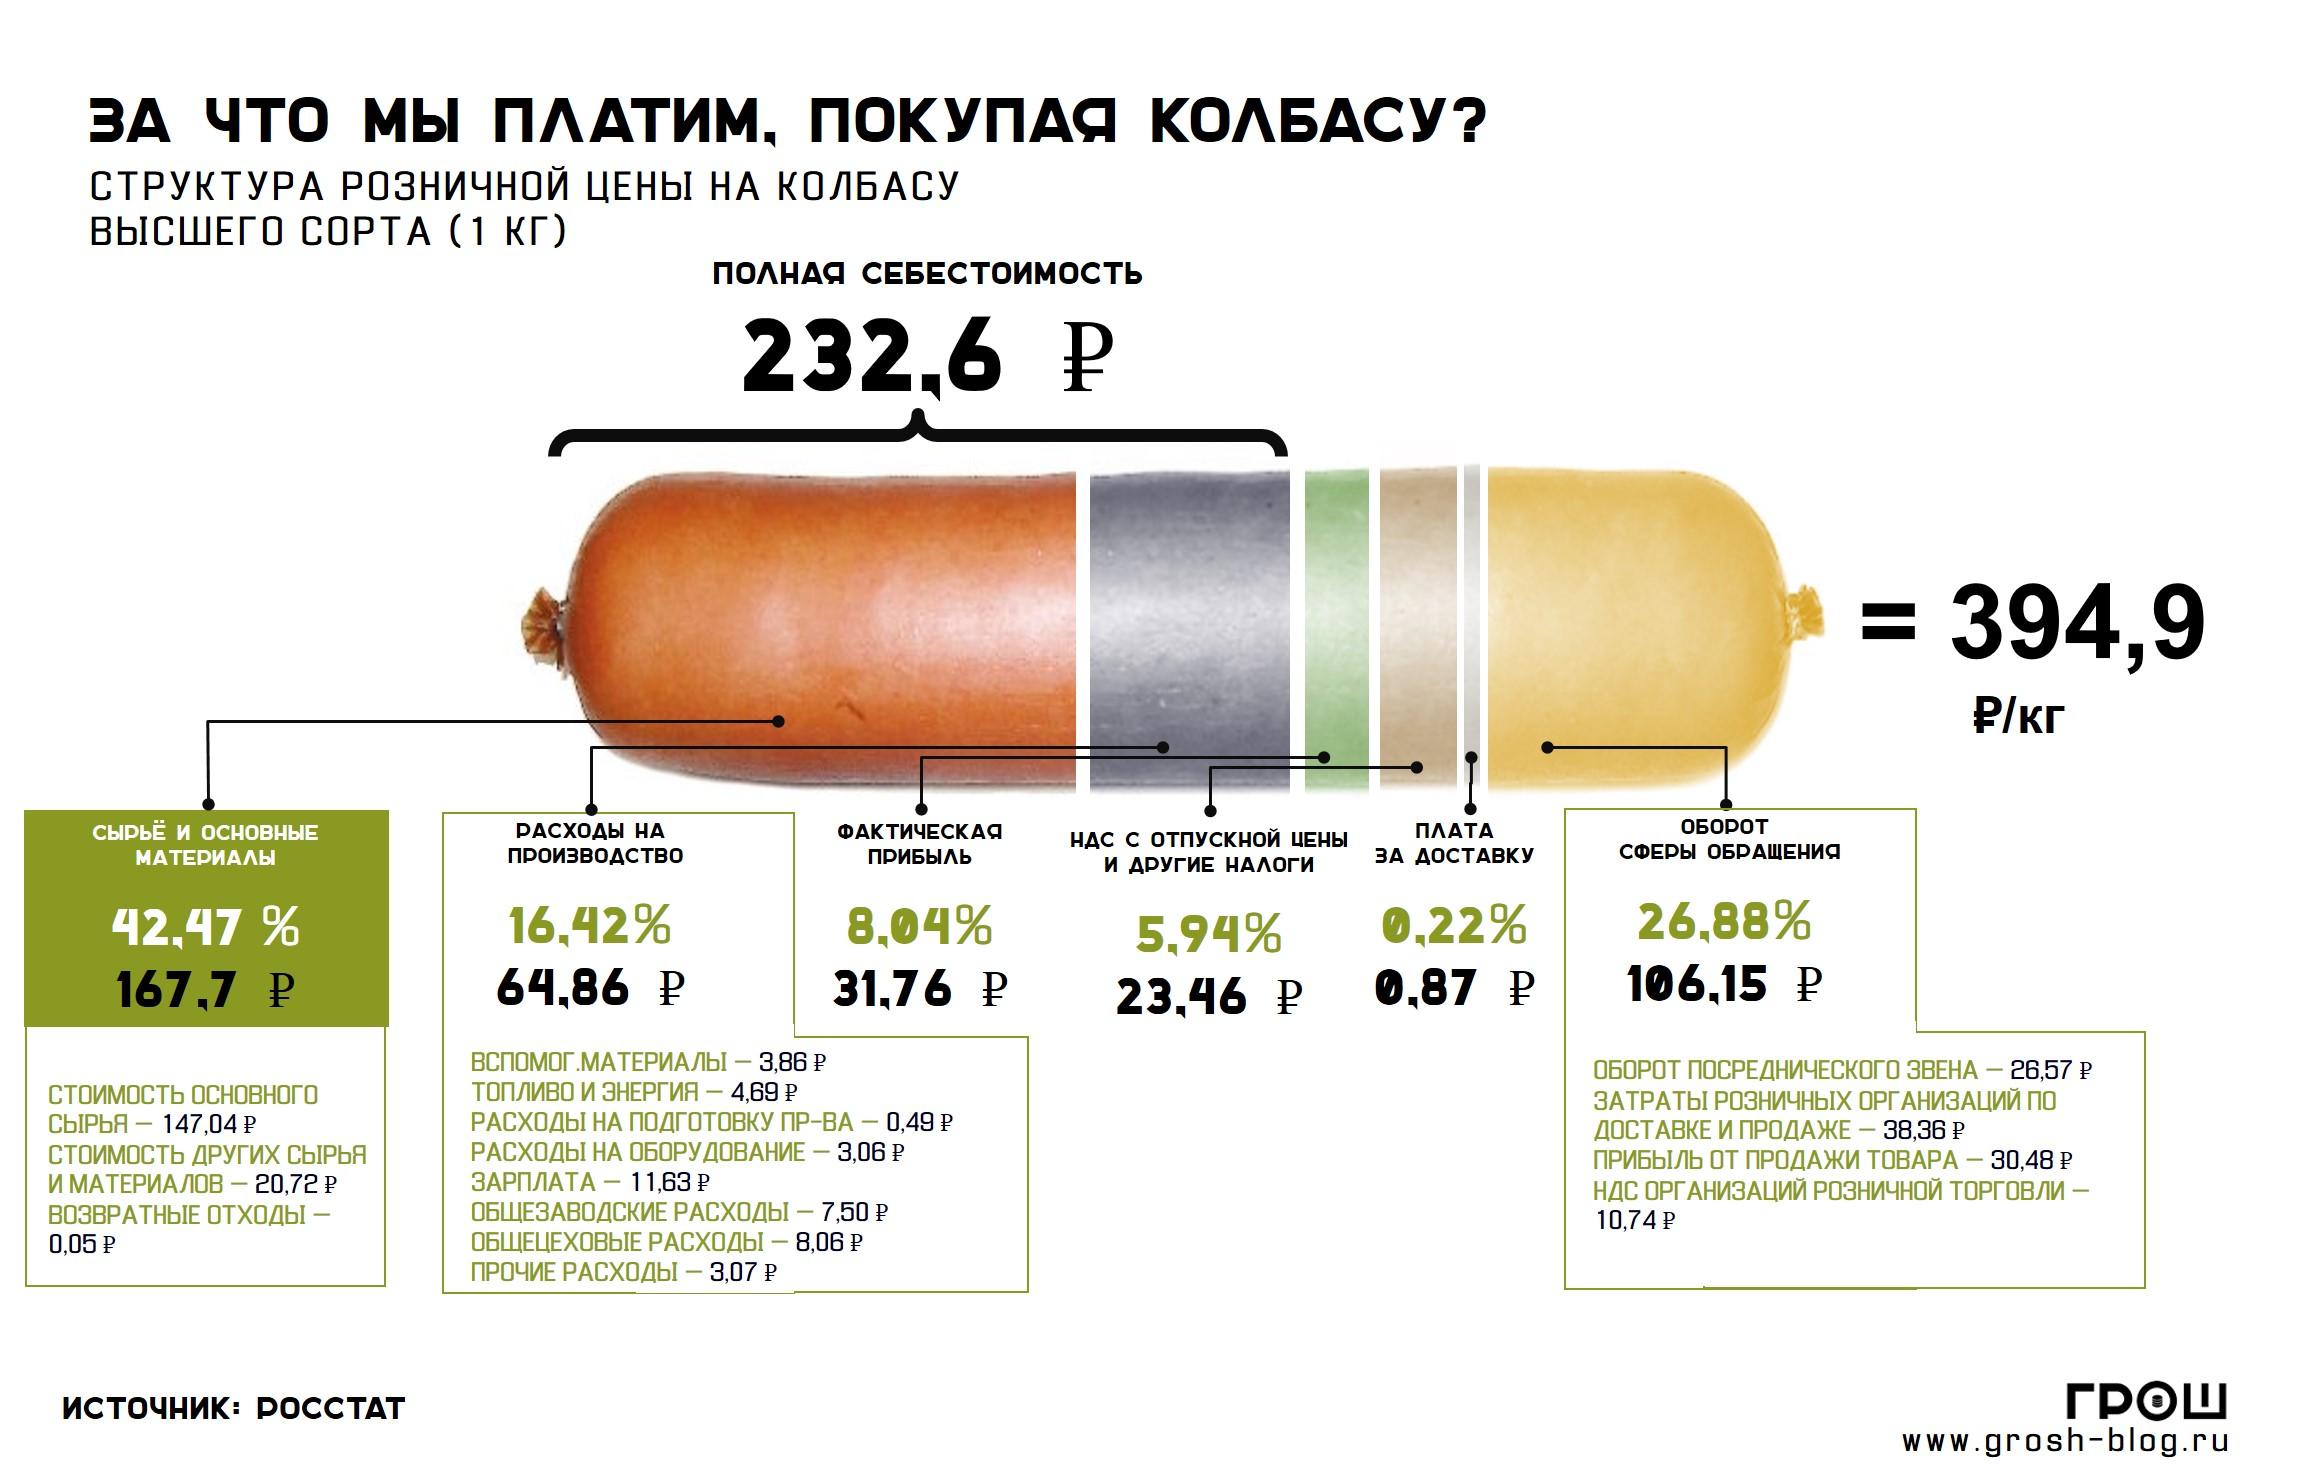 сколько стоит колбаса https://grosh-blog.ru